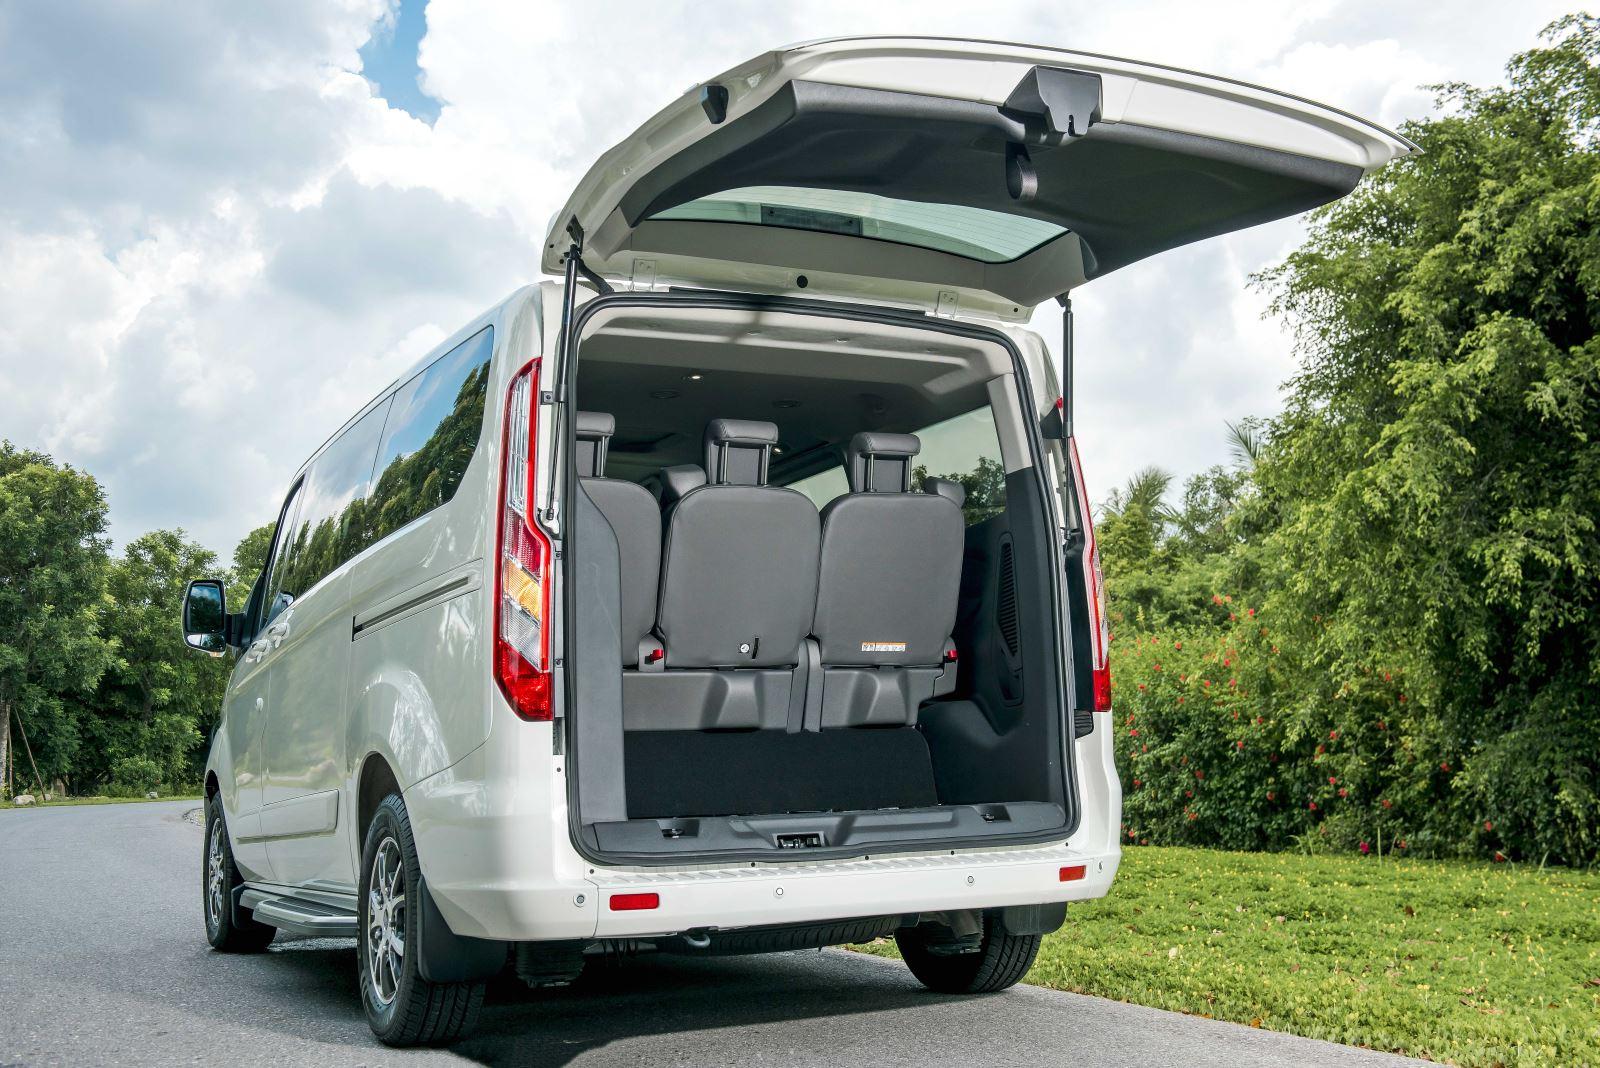 Ford ra mắt MPV 7 chỗ Tourneo giá 1 tỷ đồng